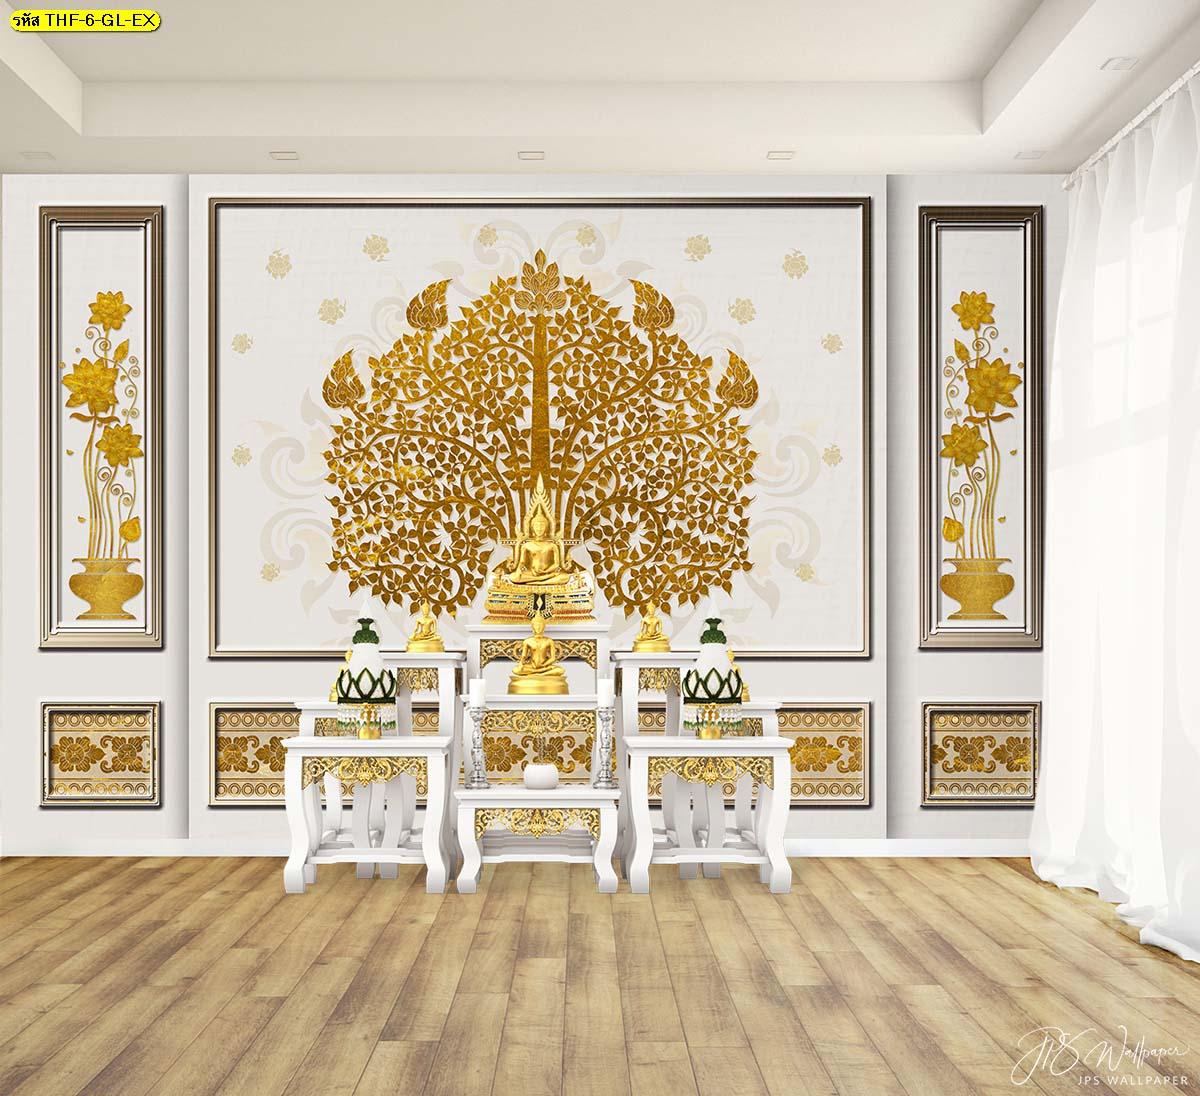 อุปกรณ์แต่งห้องพระเรียบง่ายในบ้านใช้วอลเปเปอร์สั่งพิมพ์พื้นขาว ตกแต่งห้องพระสวย เรียบง่าย